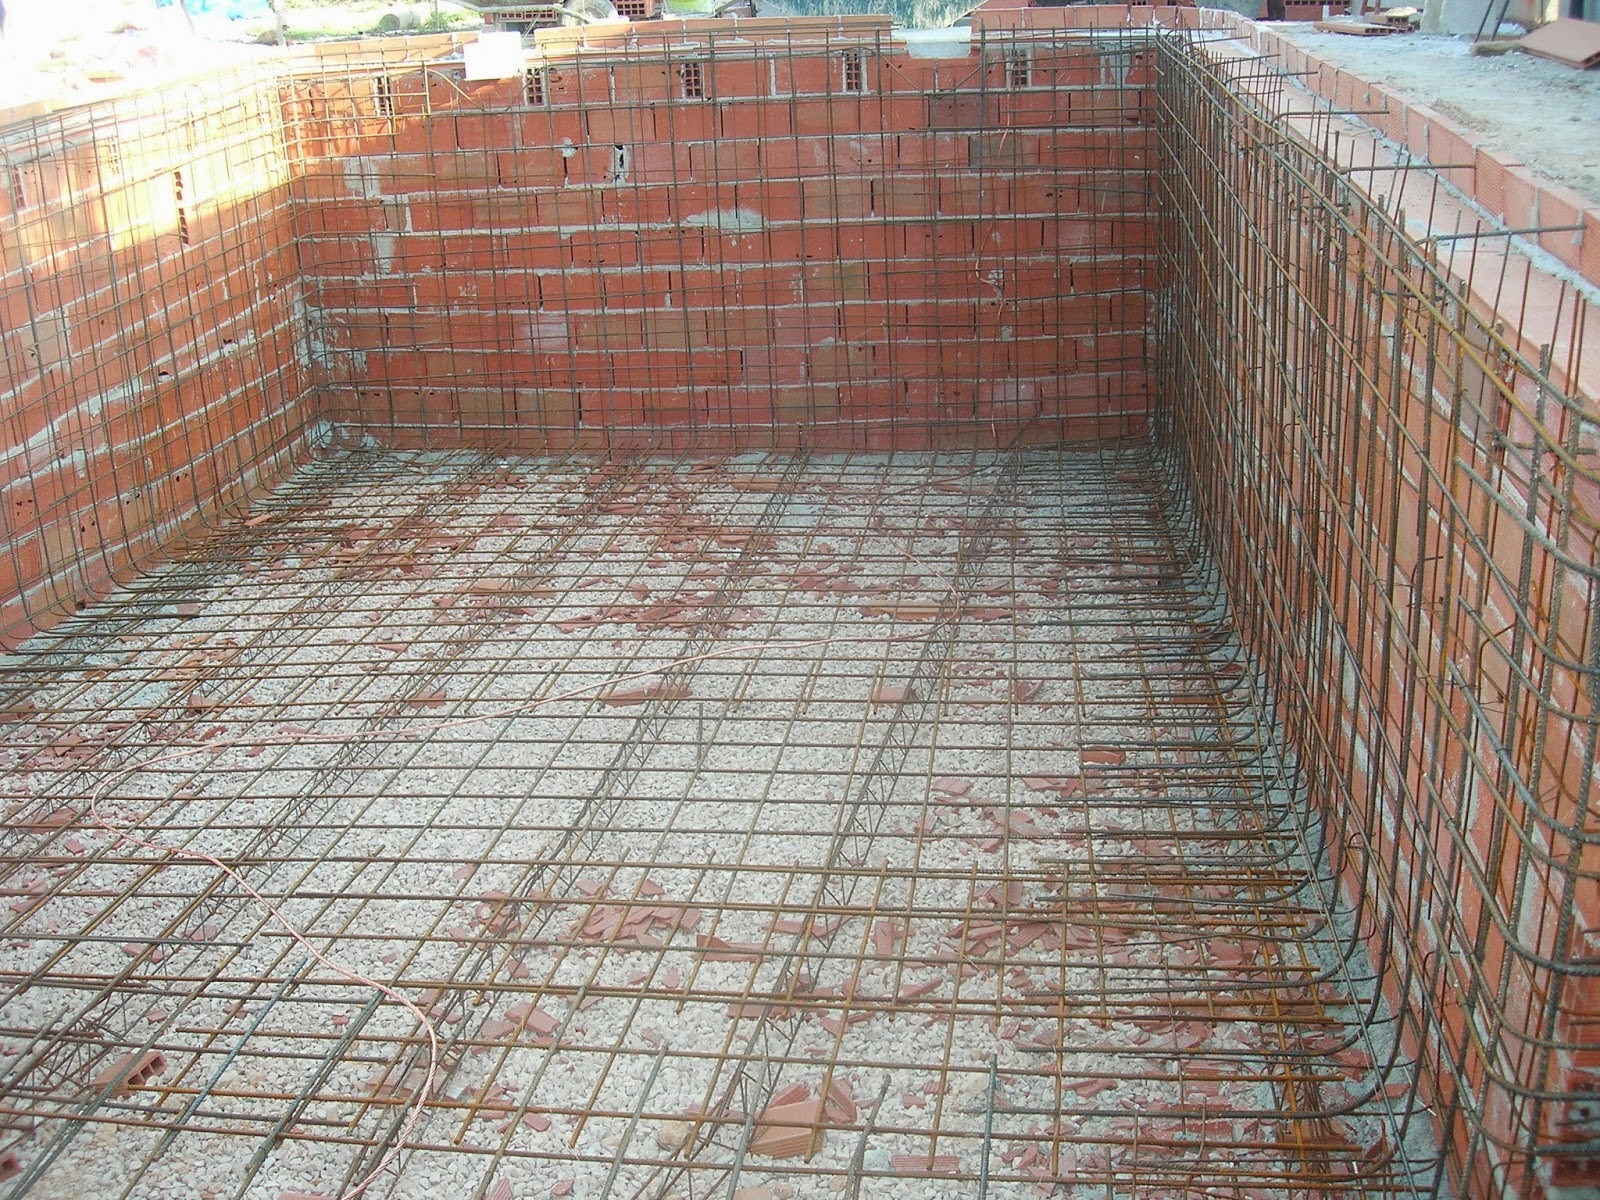 Construide ejecuci n de una piscina proceso y ejemplo for Como hacer una piscina natural paso a paso